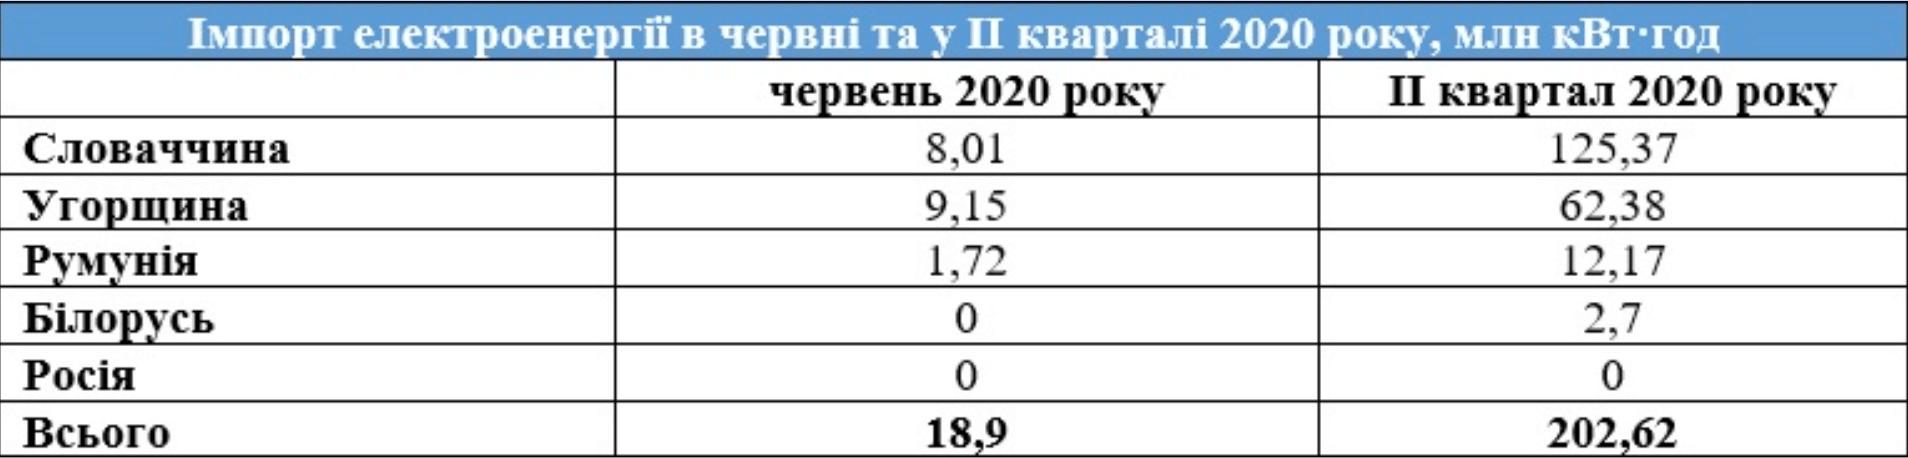 импорт электроэнергии в Украину